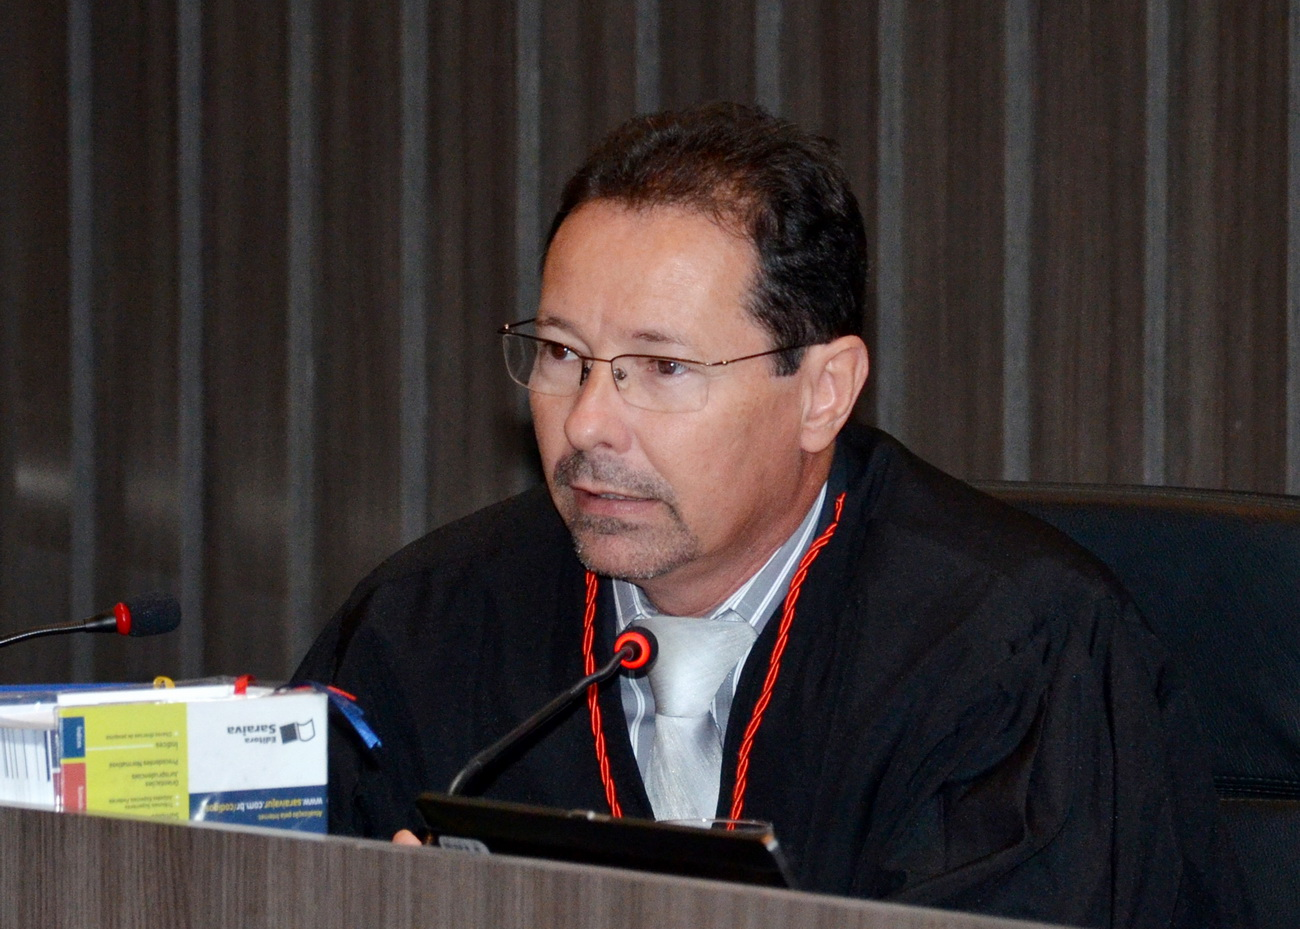 Desembargador Leandro dos Santos registra candidatura a vice-presidente do  TJPB | Tribunal de Justiça da Paraíba